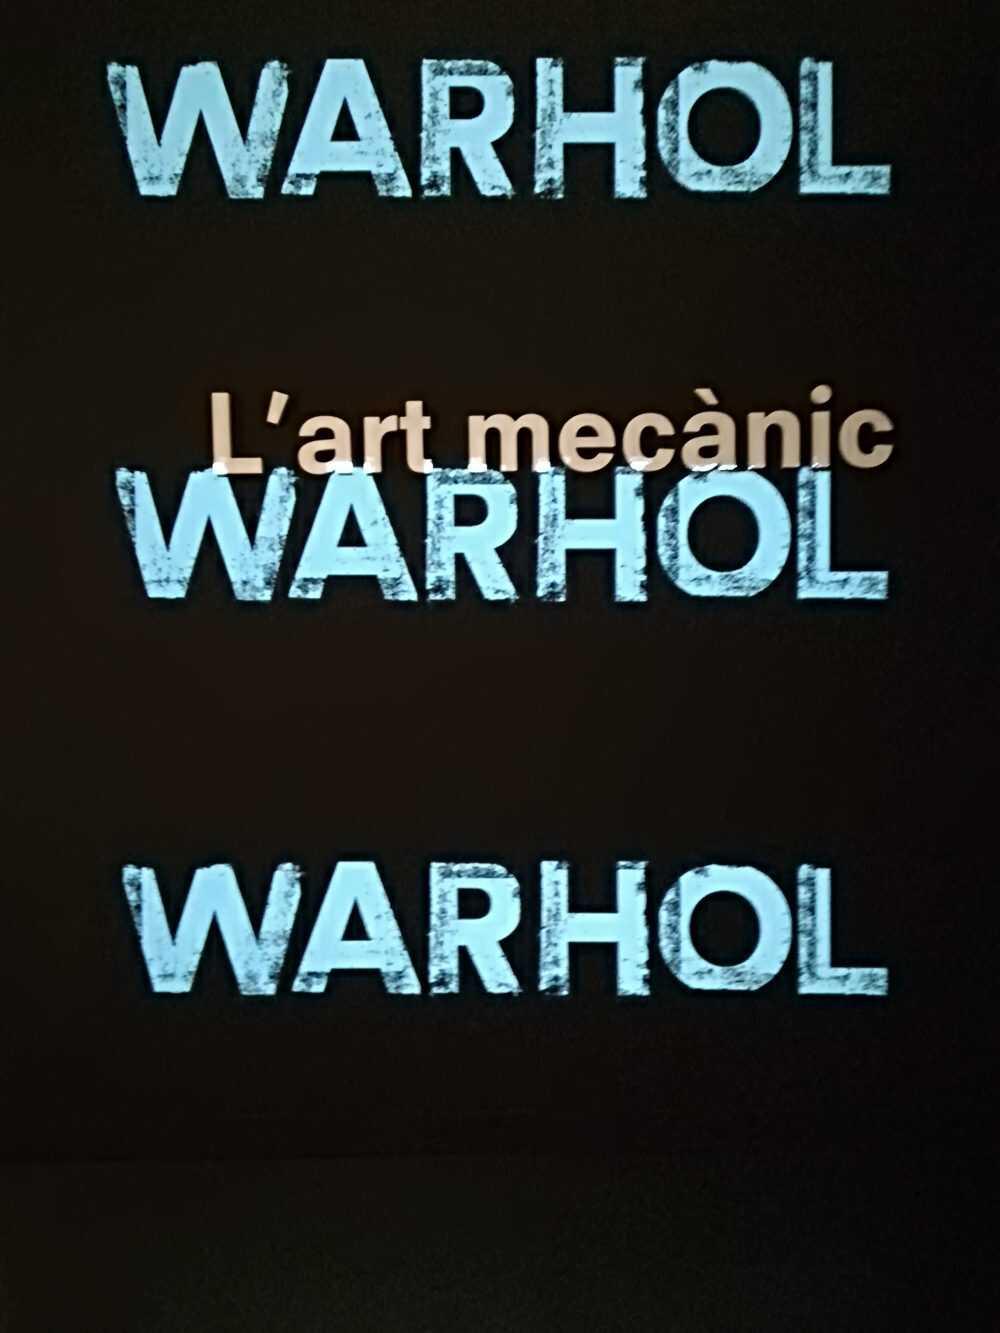 Visitant les exposicions de De Chirico i de Andy Warhol al Caixaforum